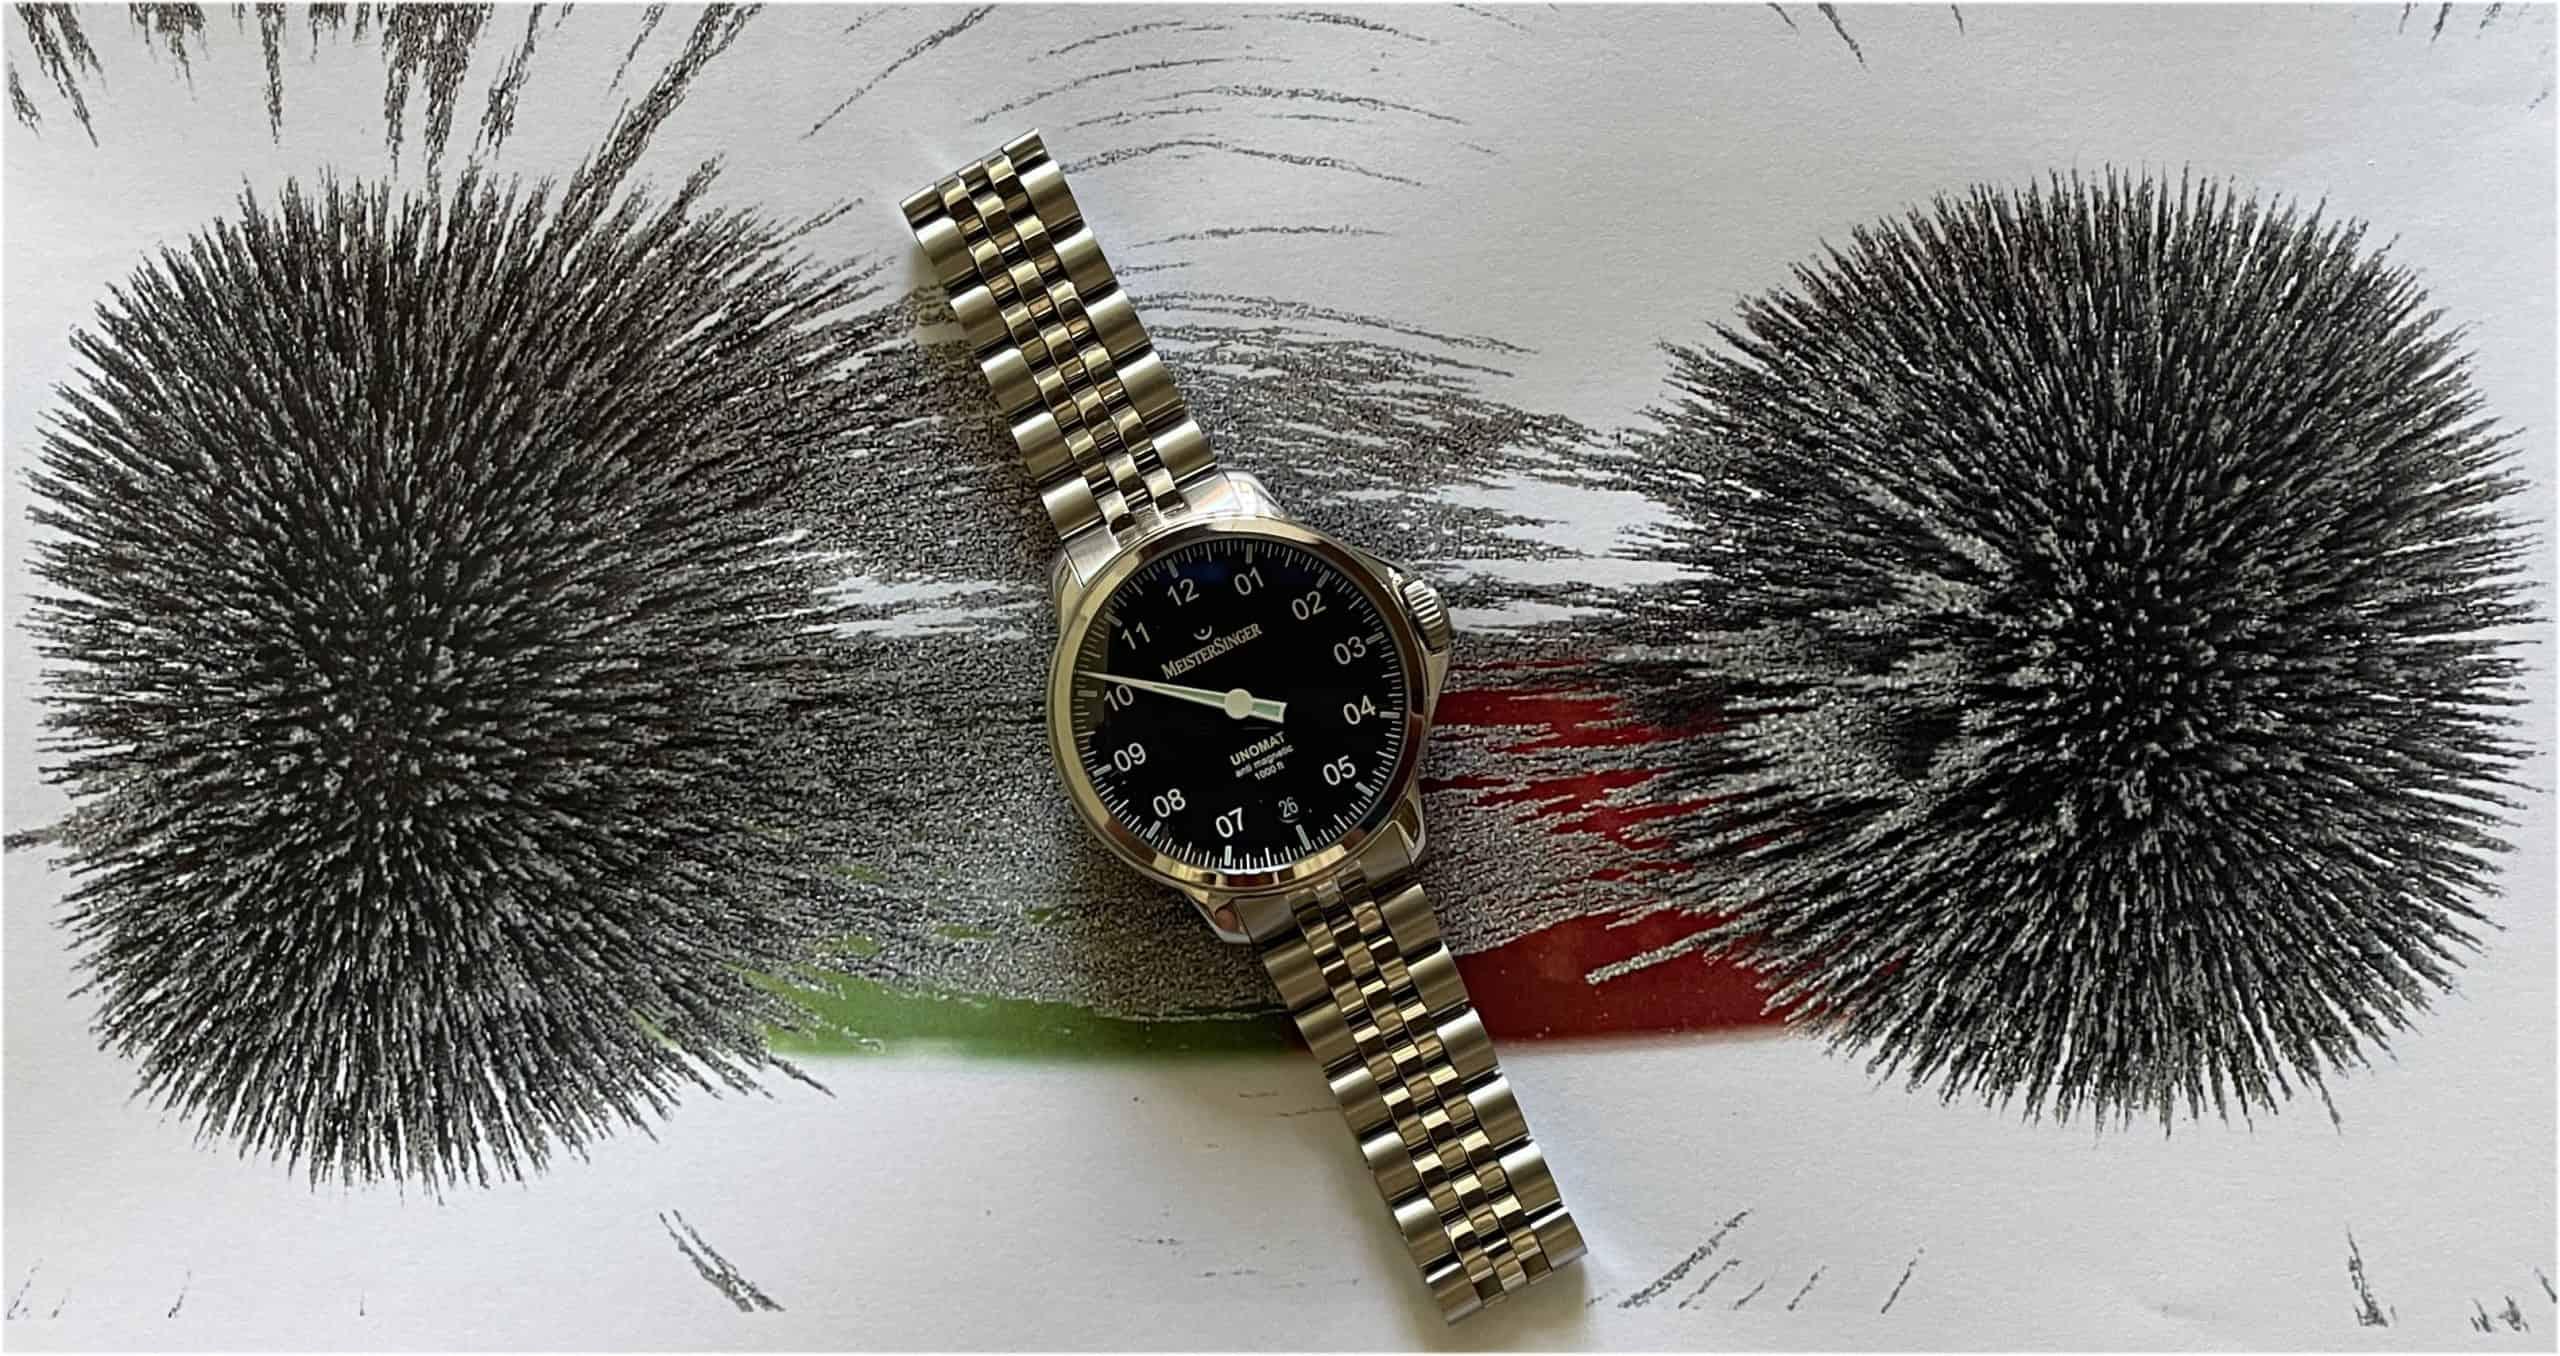 MeisterSinger Unomat antimagnetische Uhr